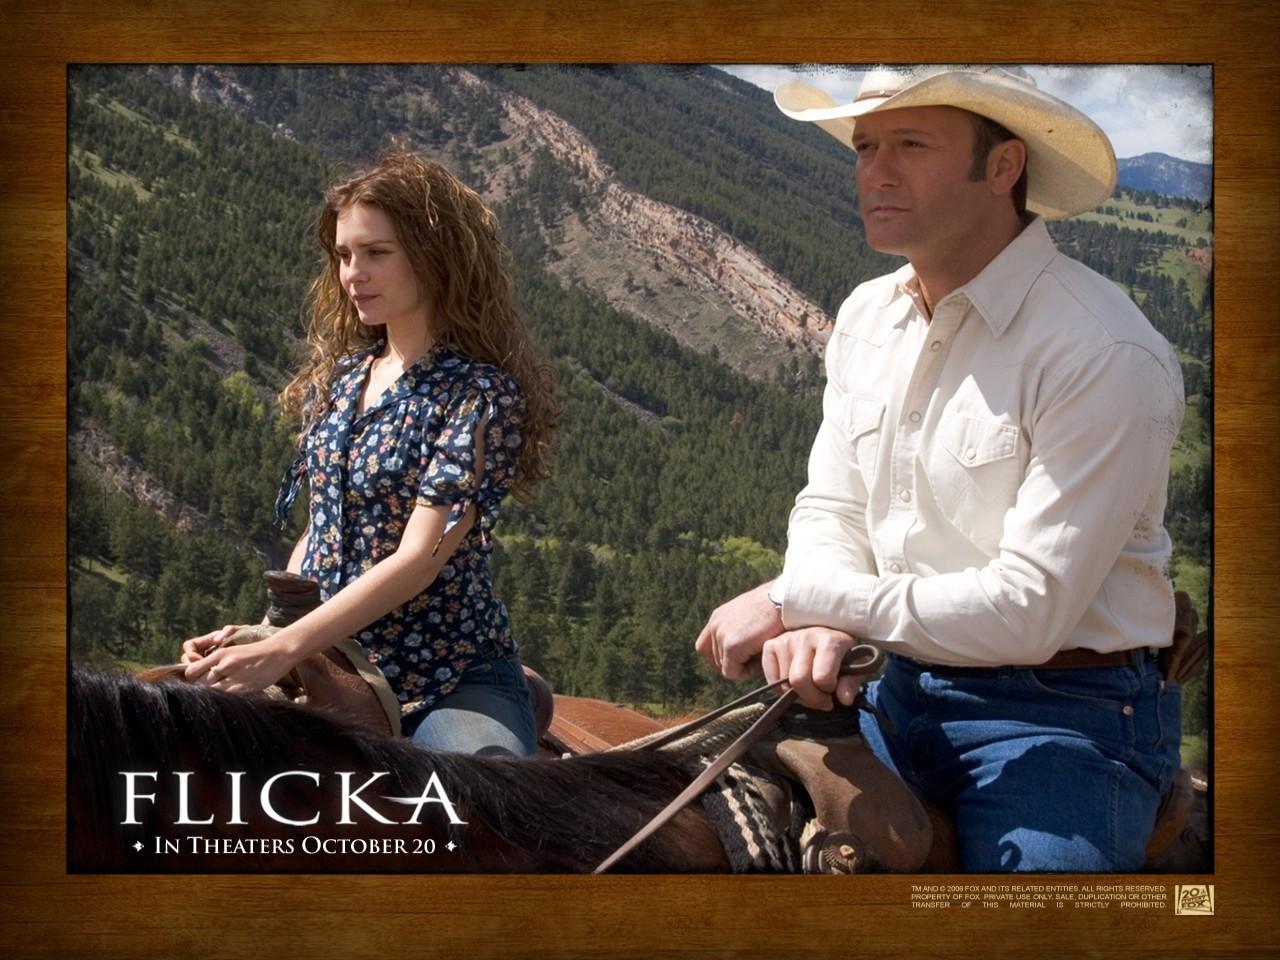 Wallpaper del film Flicka - Uno Spirito libero con Alison Lohman e Tim McGraw